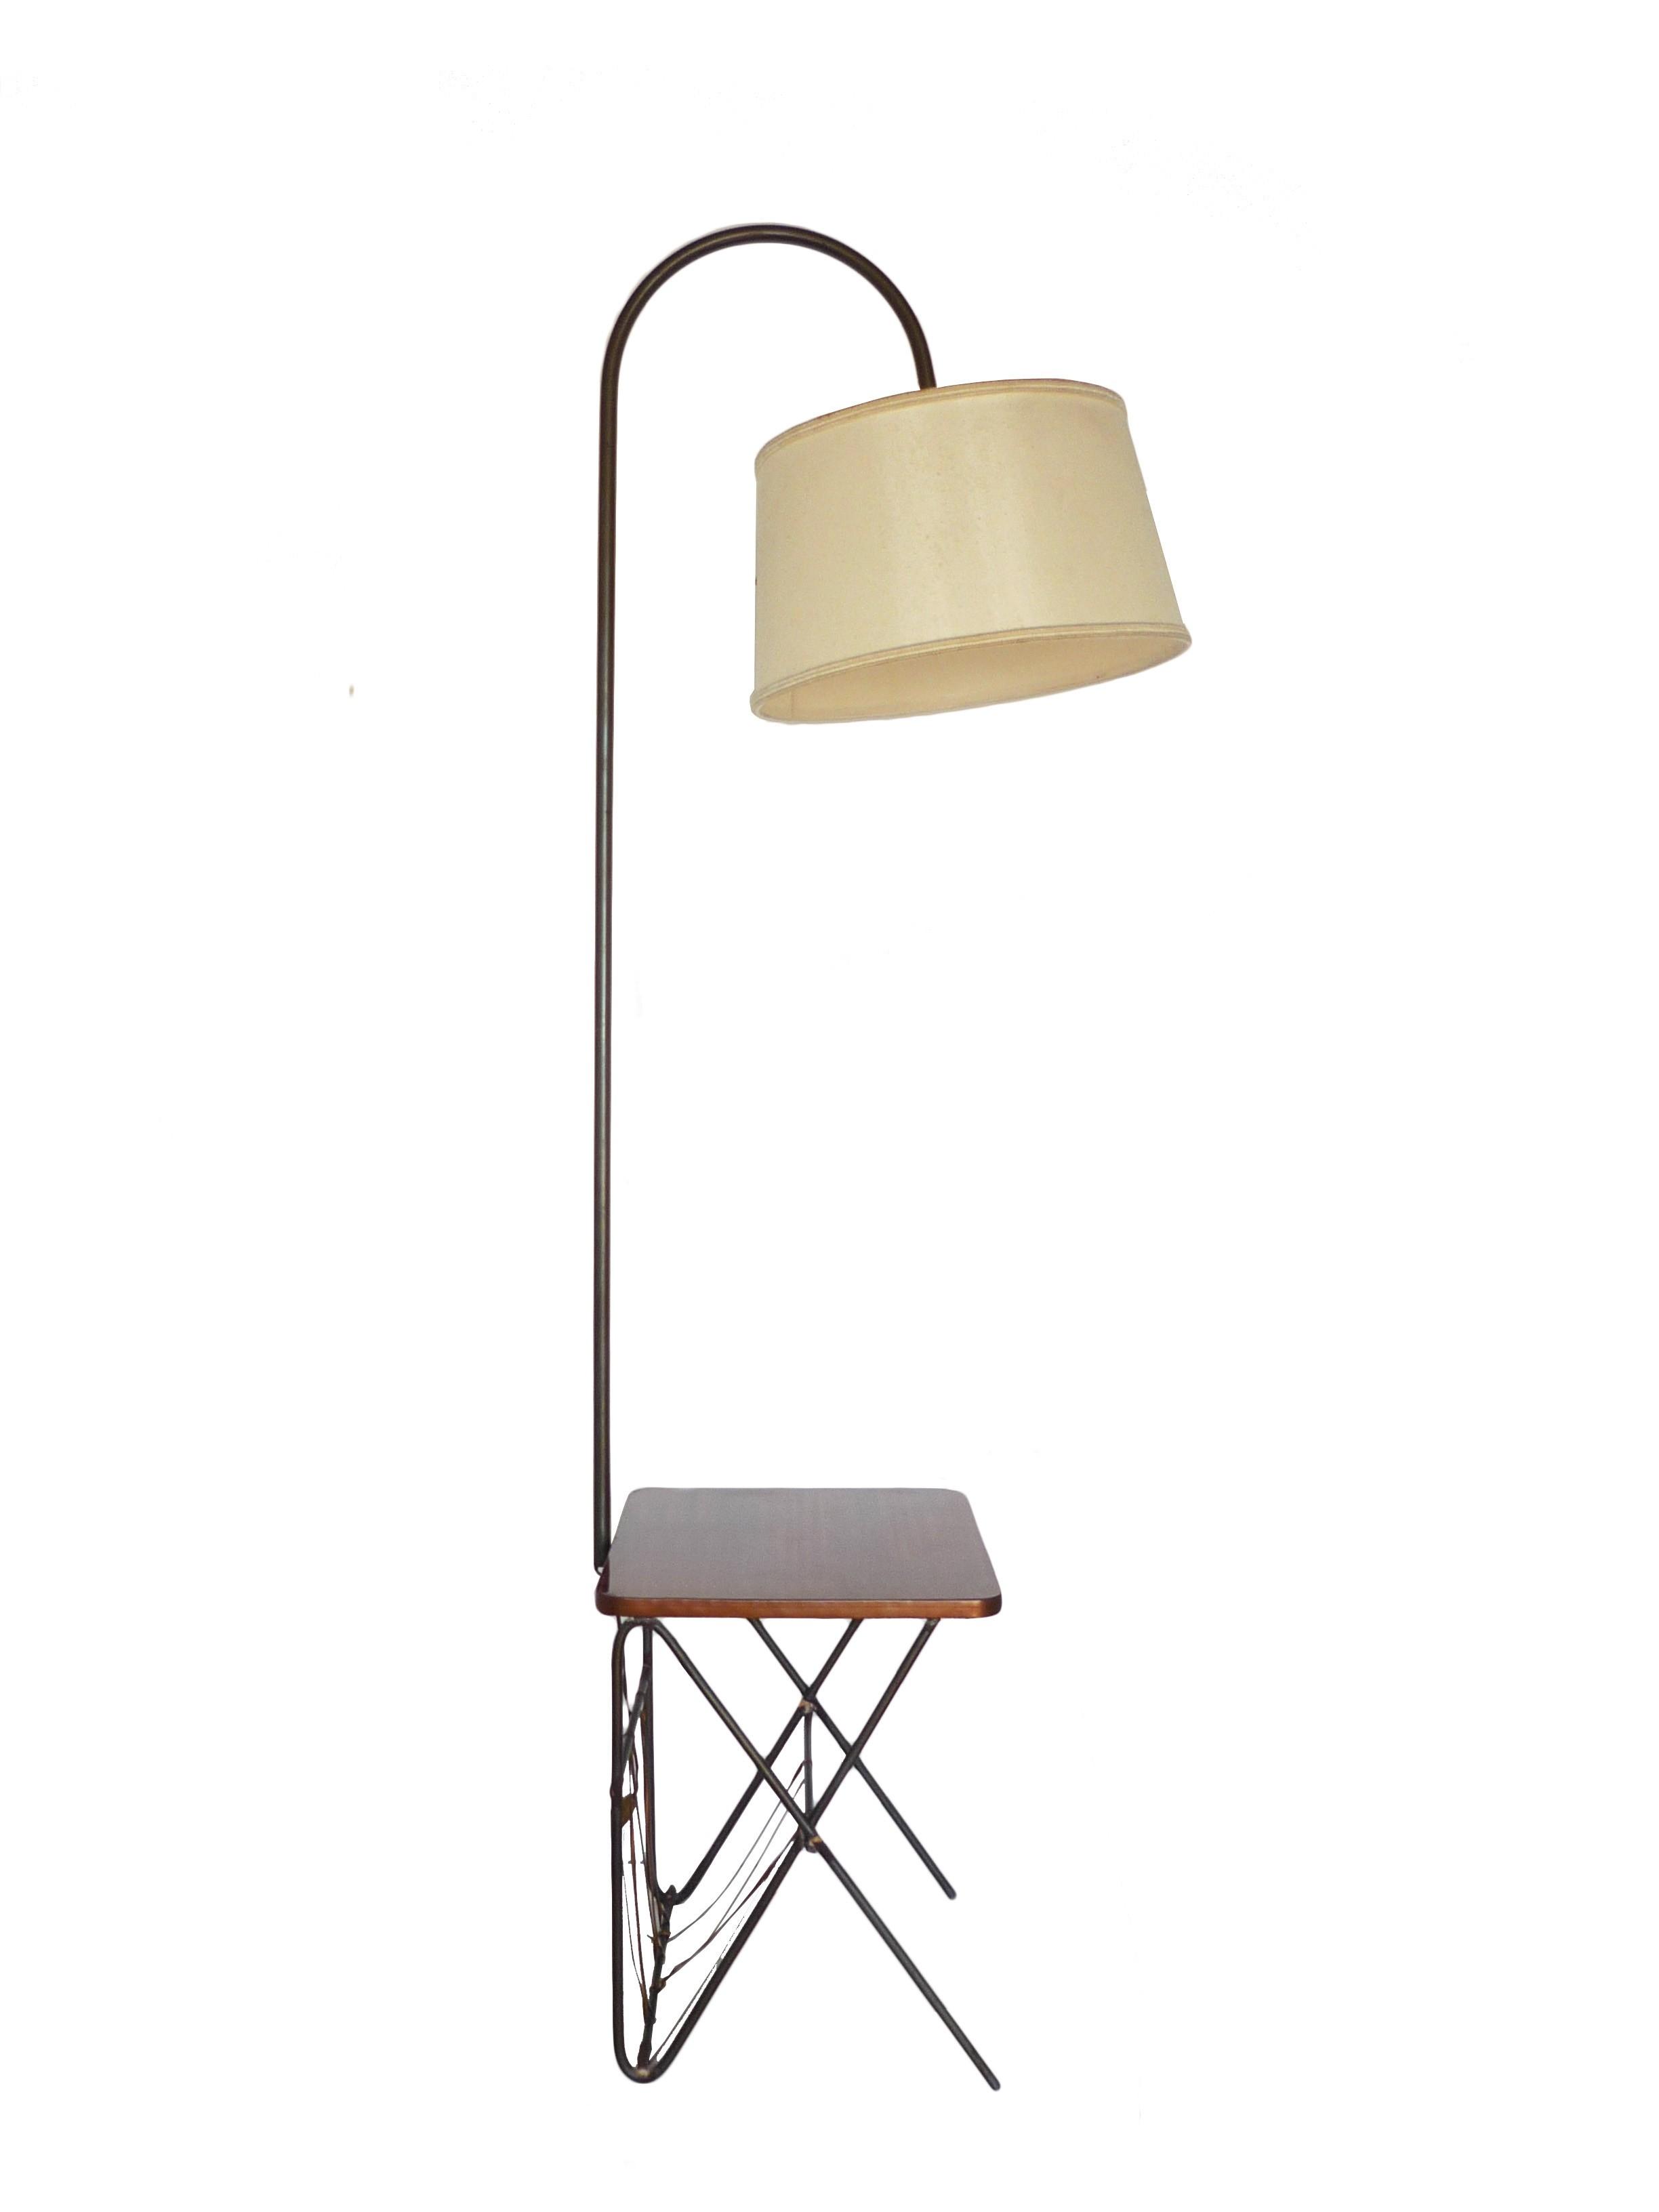 antique vintage brass floor lever swing lamp style wooden arm floors lamps halogen bronze journal art reading